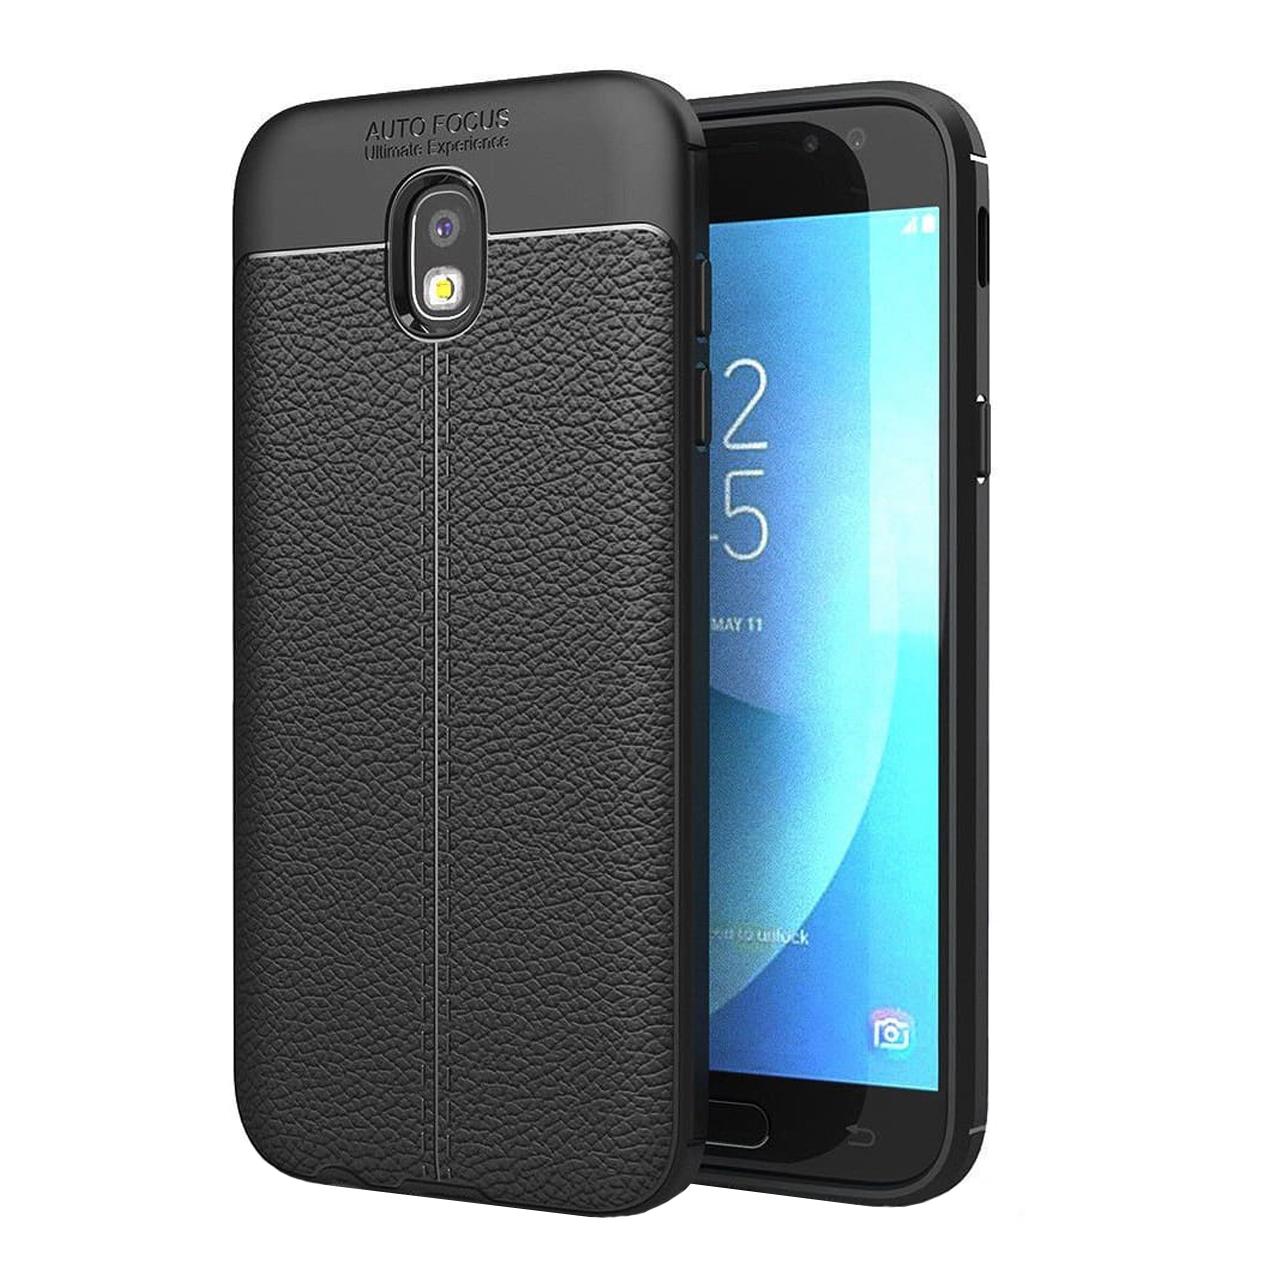 کاور مورفی مدل Auto7 مناسب برای گوشی موبایل سامسونگ Galaxy J7 Pro